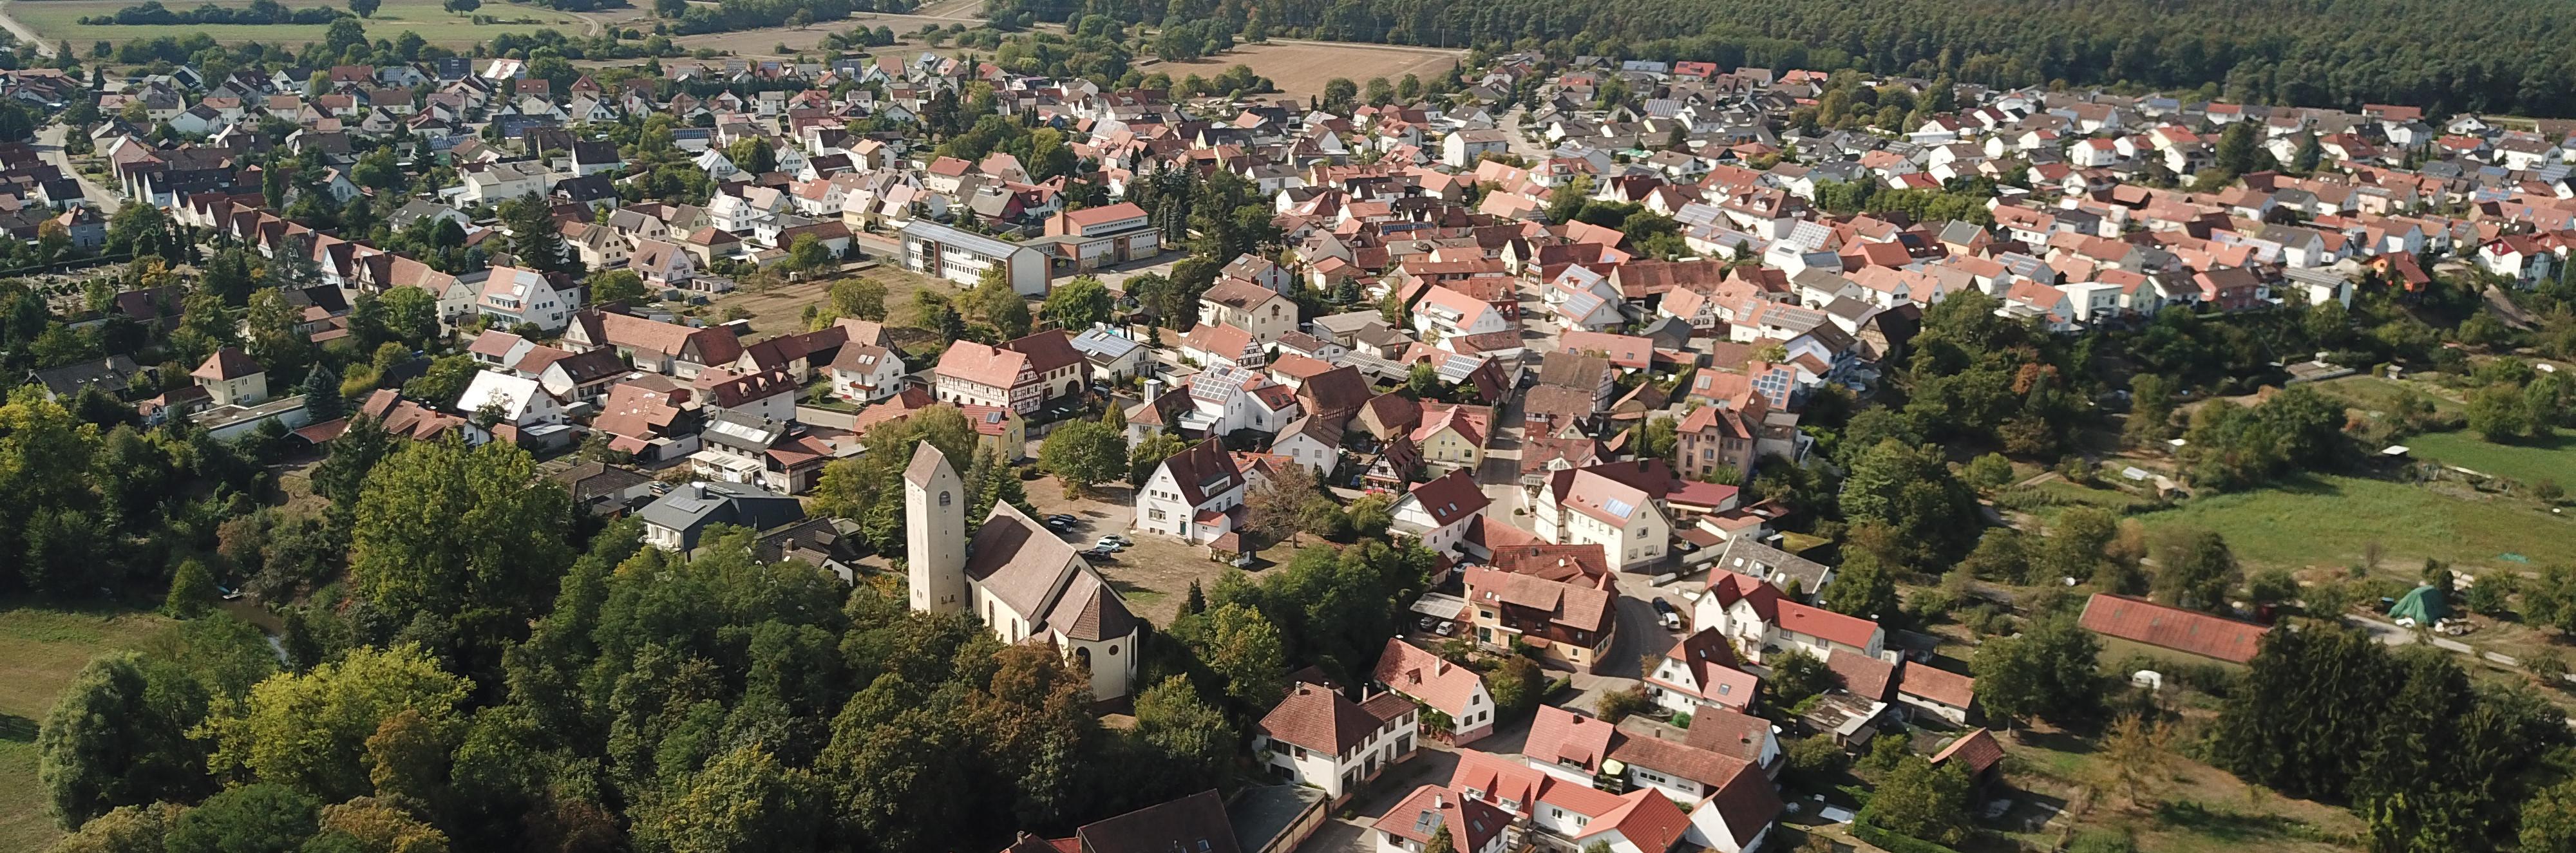 Berg in der Pfalz